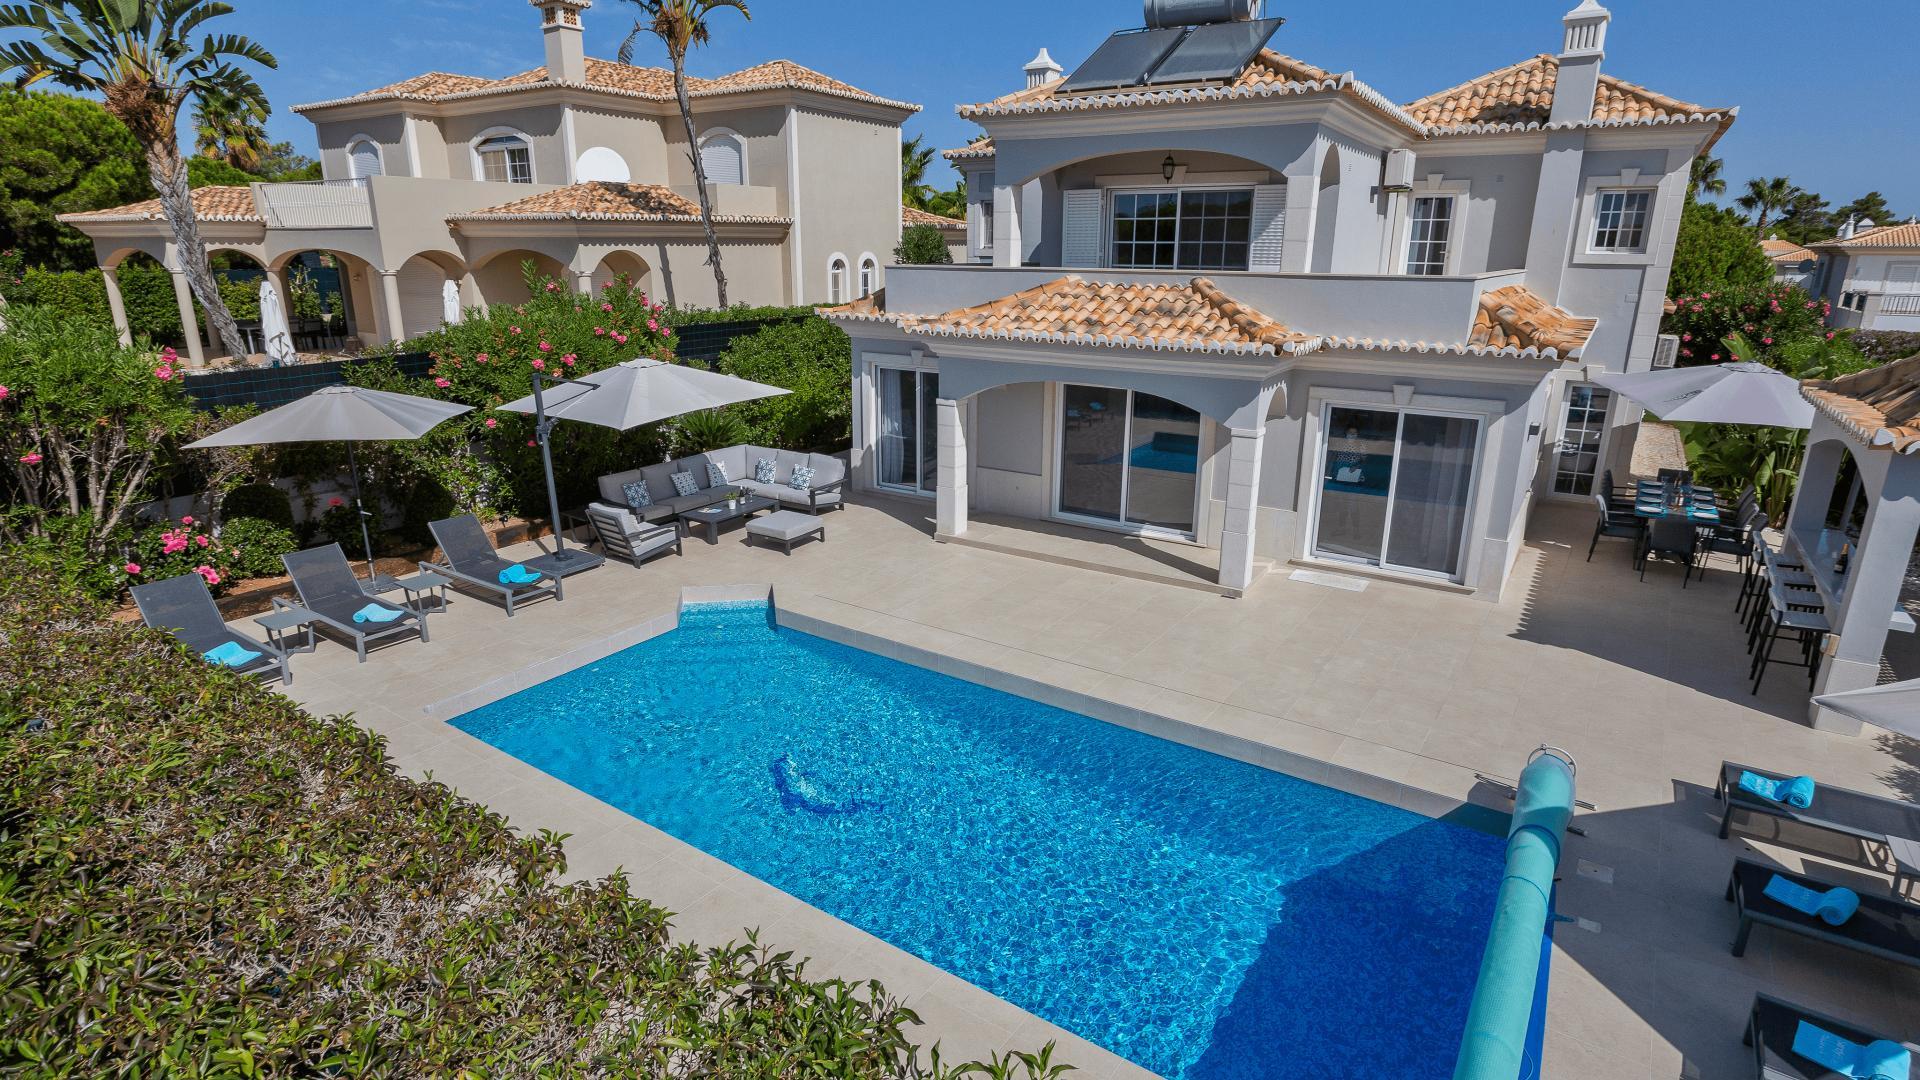 Villa Cara - Varandas do Lago, Quinta do Lago, Algarve - Villa_Cara_Exterior_1.png